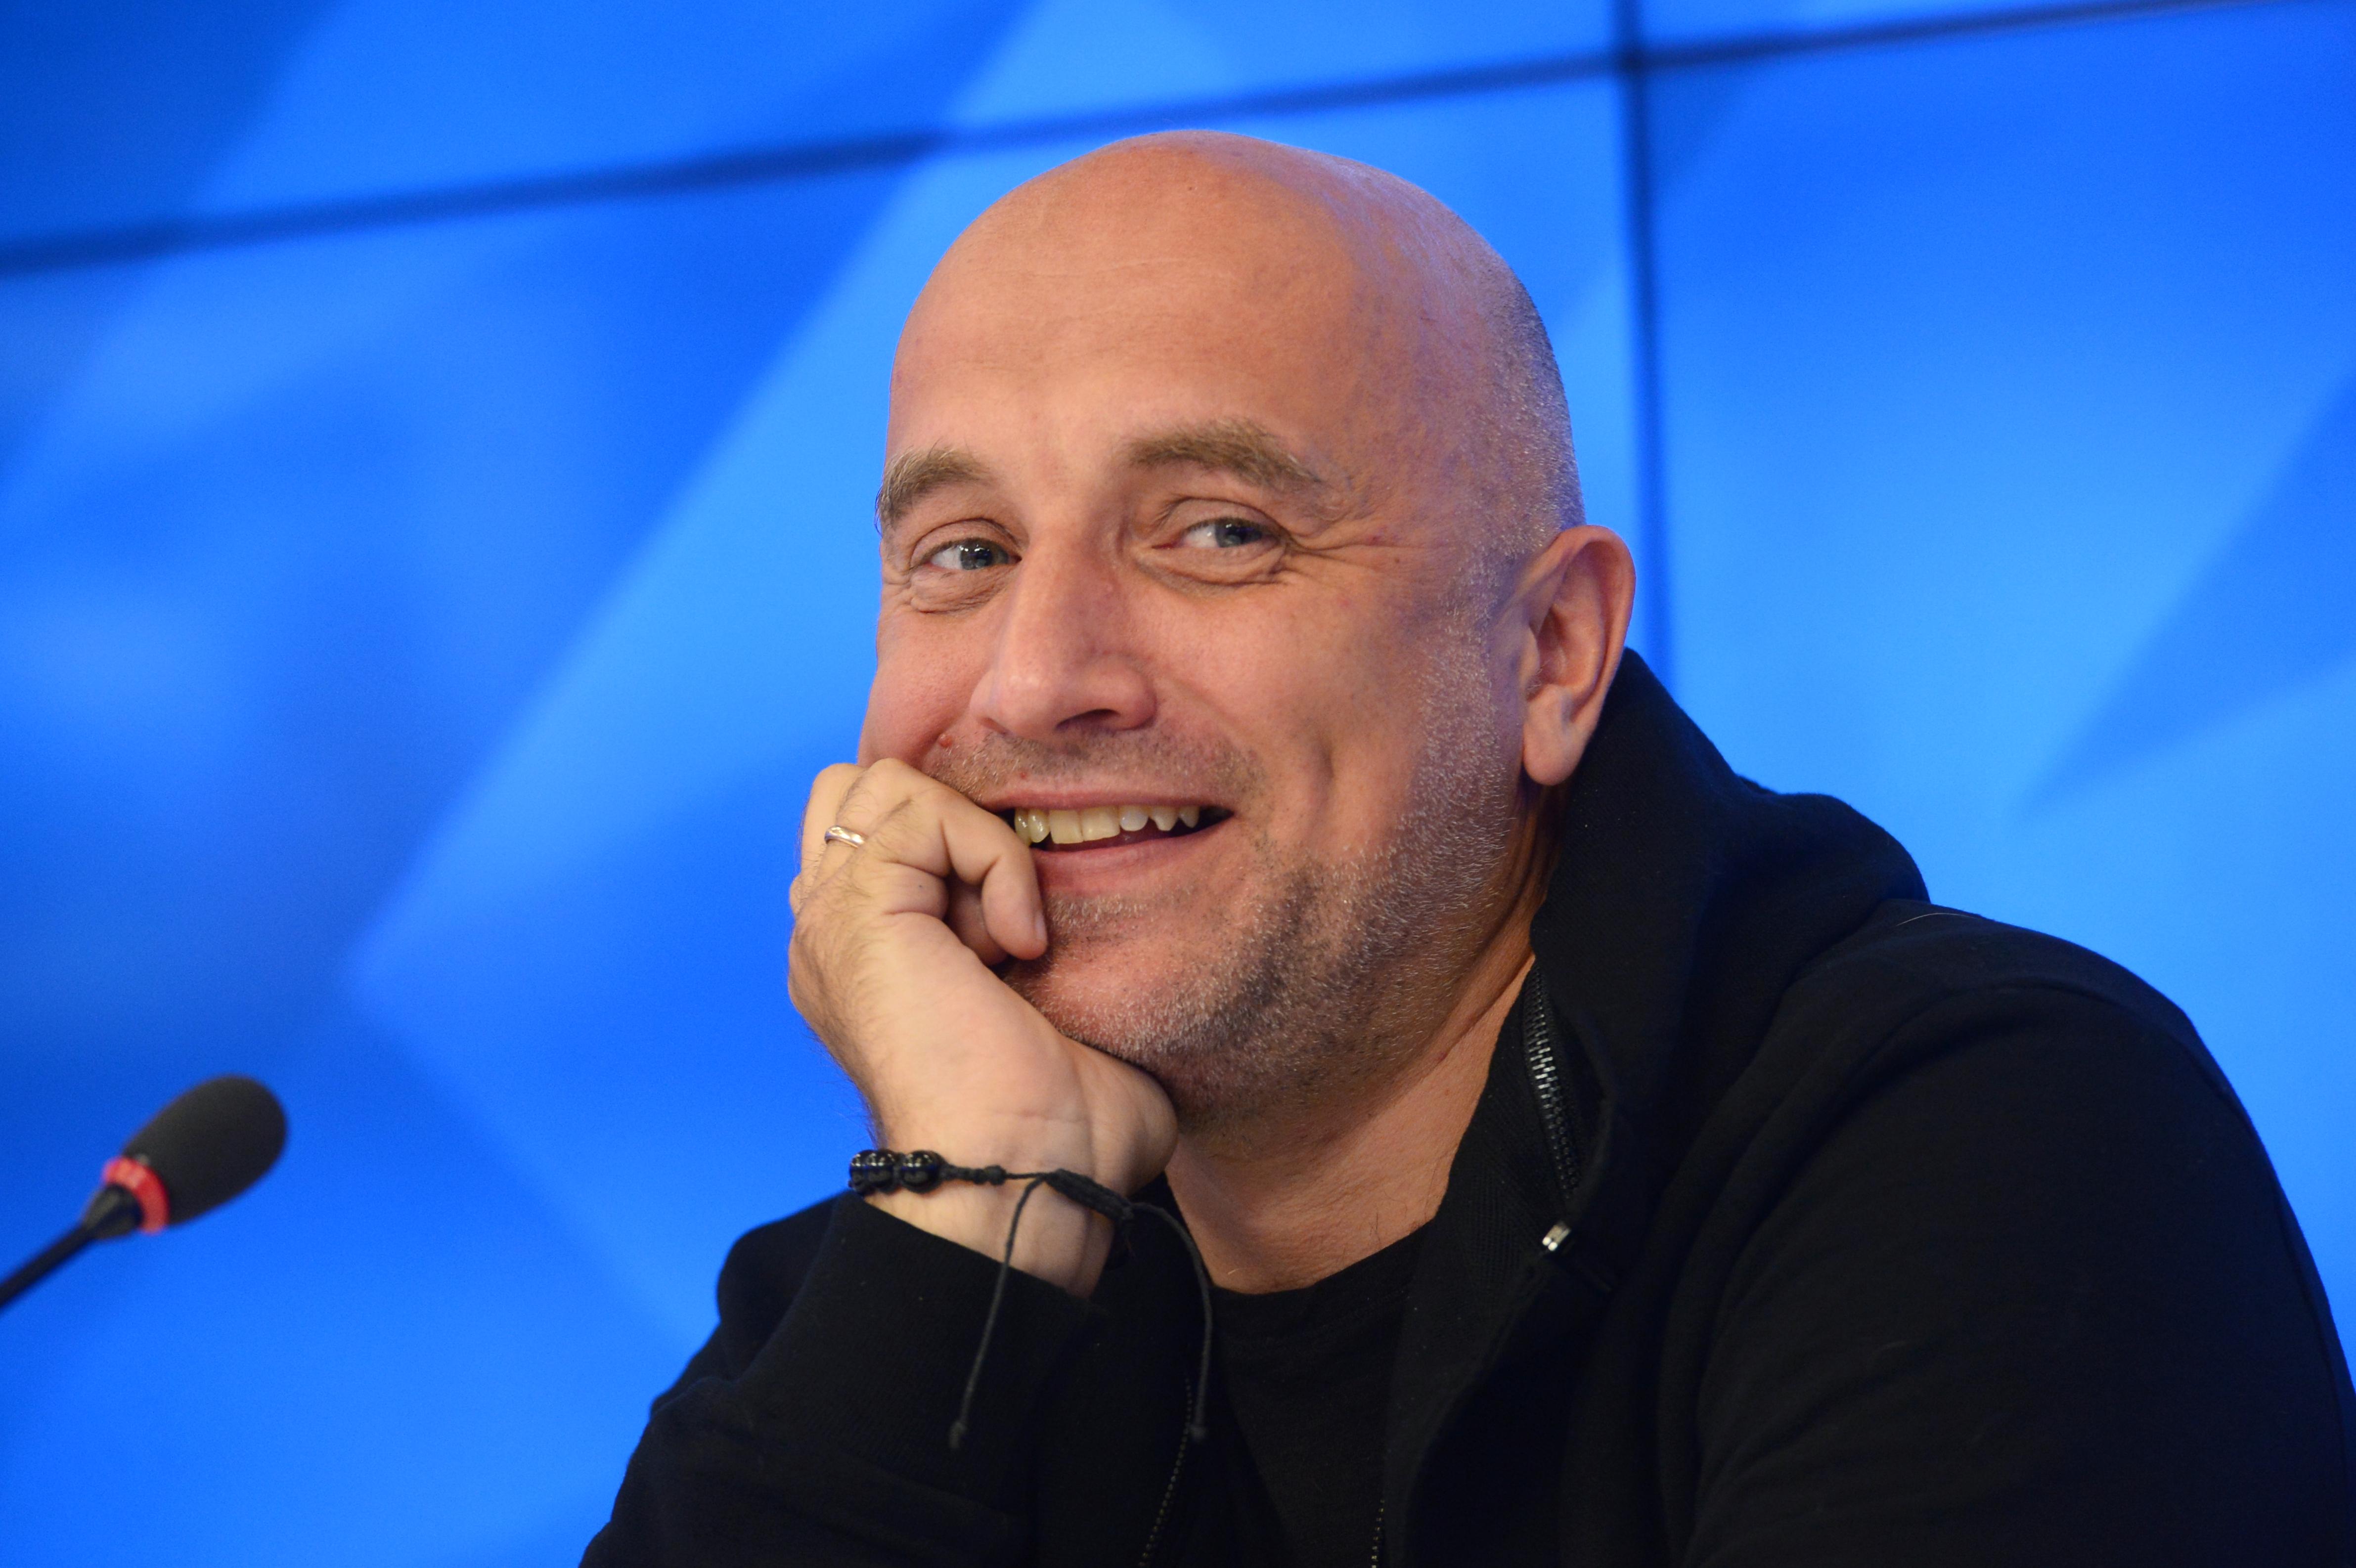 Писатель Захар Прилепин. Владимир Трефилов / РИА Новости